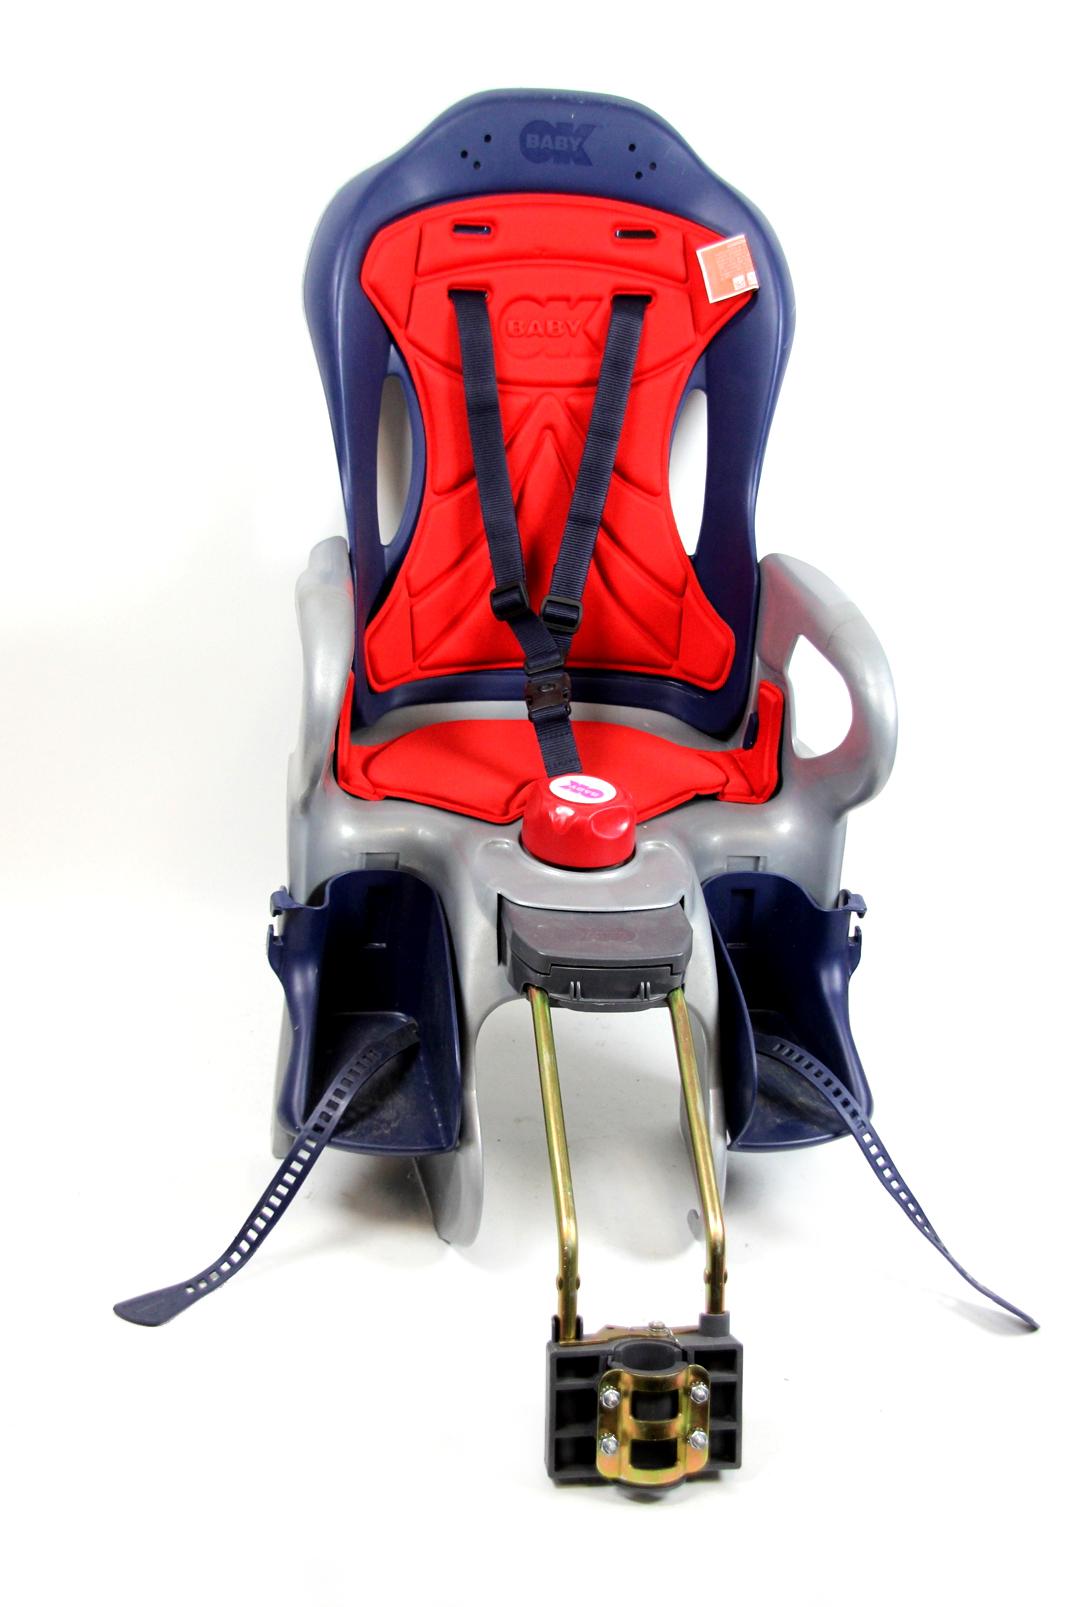 ok baby sirius halterung ersatzteile zu dem fahrrad. Black Bedroom Furniture Sets. Home Design Ideas